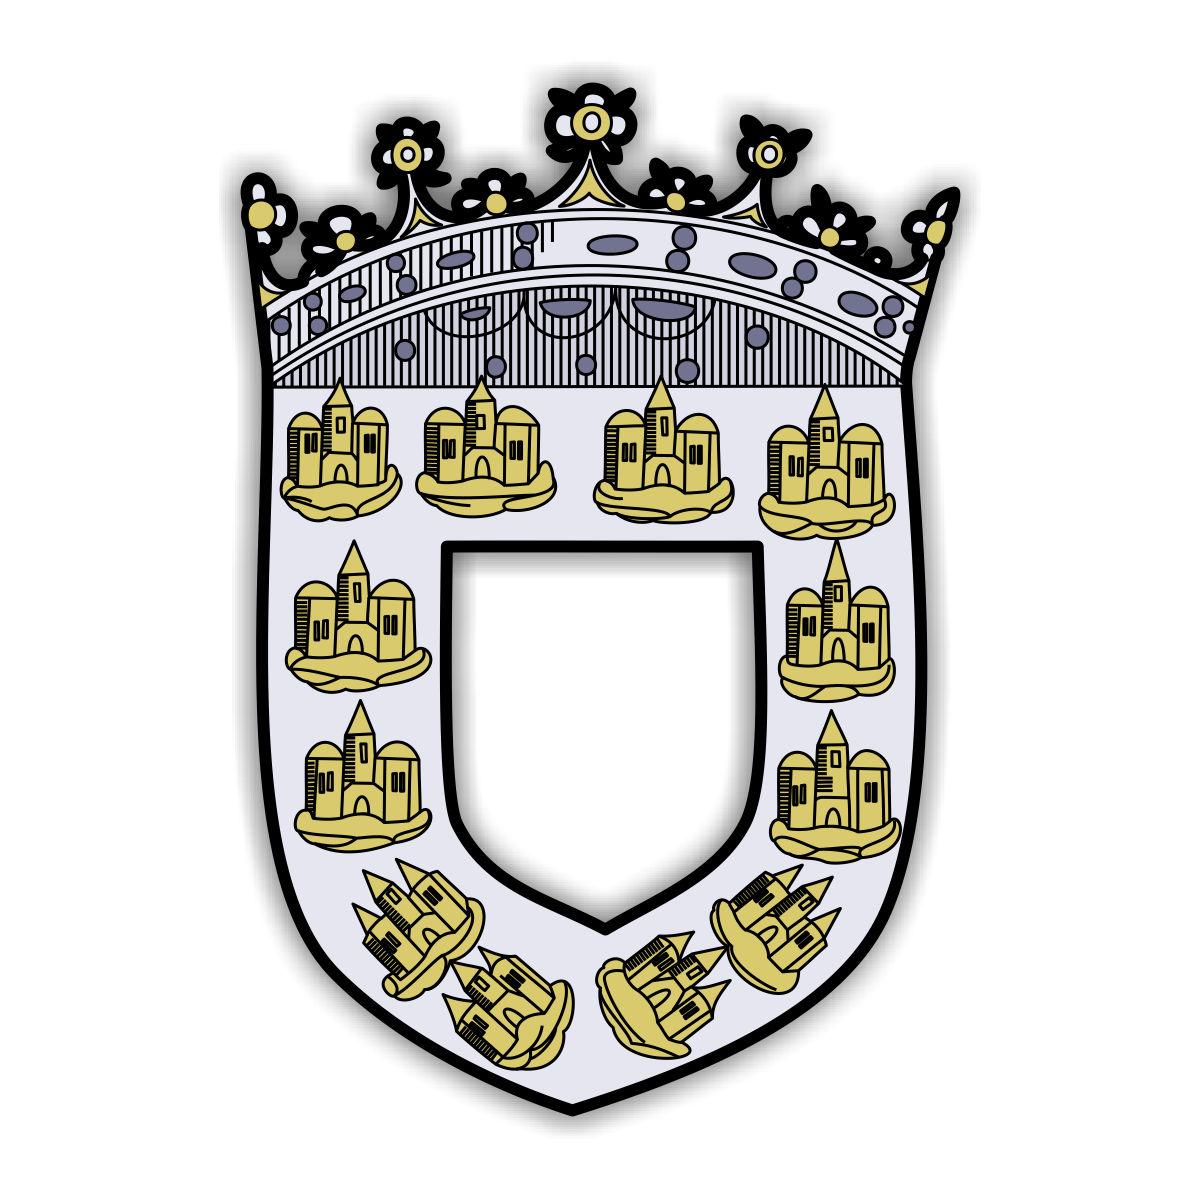 Wappen vorlagen download firefox